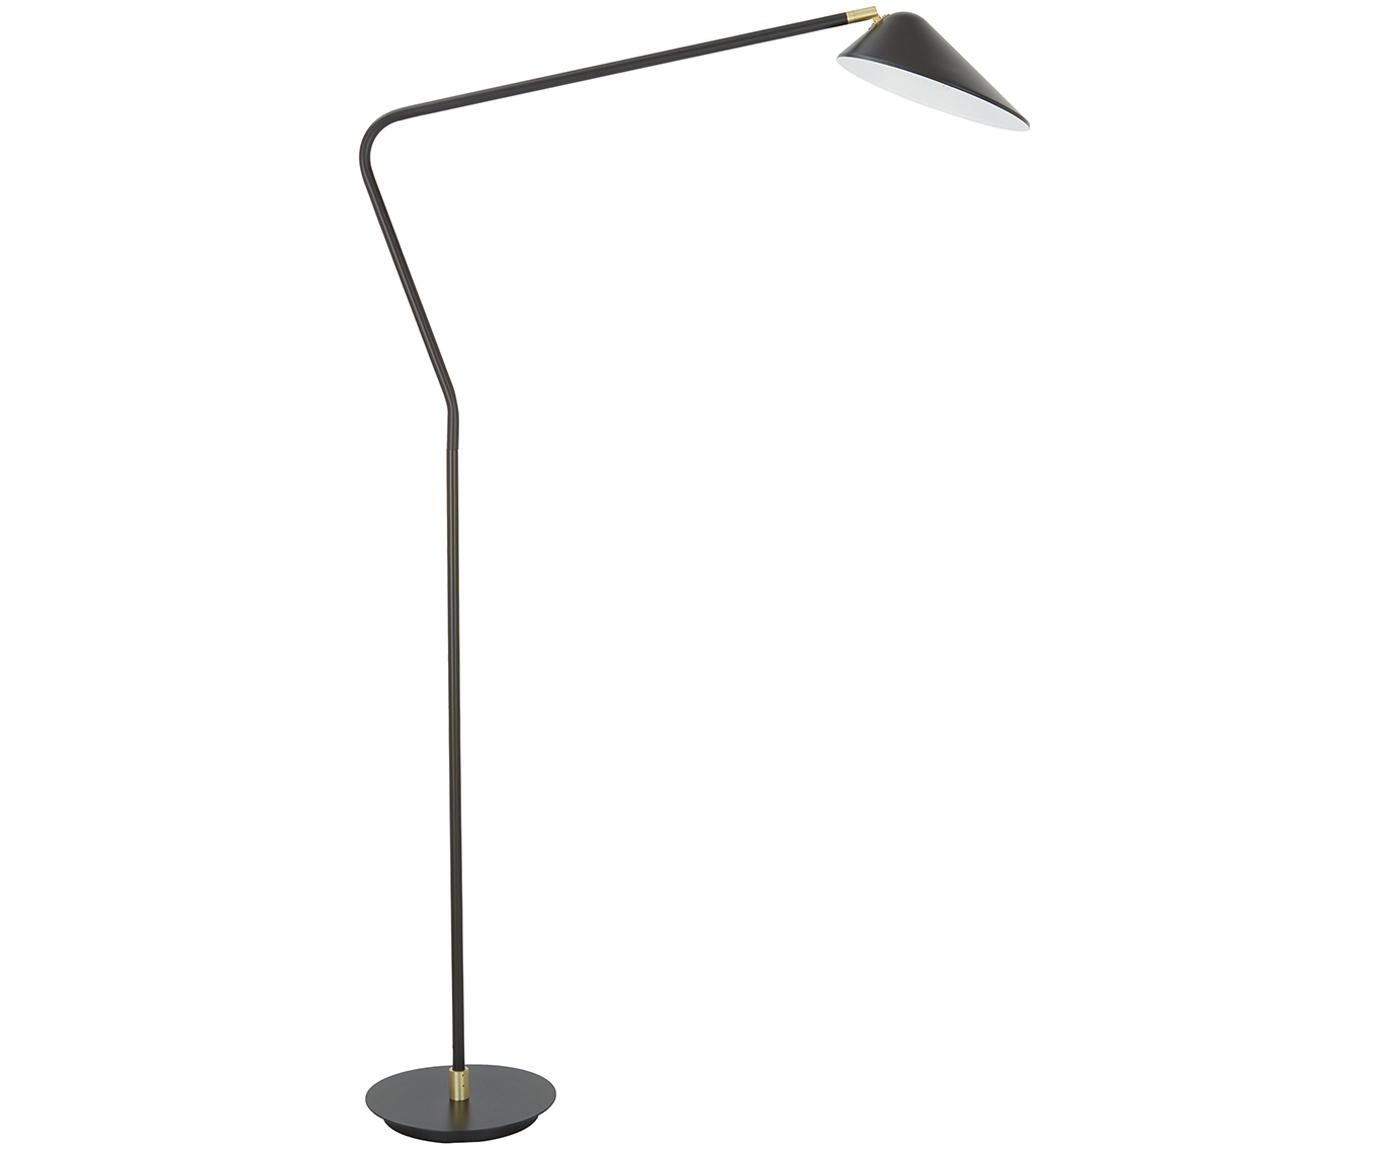 Stehlampe Neron, Lampenschirm: Metall, pulverbeschichtet, Black, 27 x 171 cm